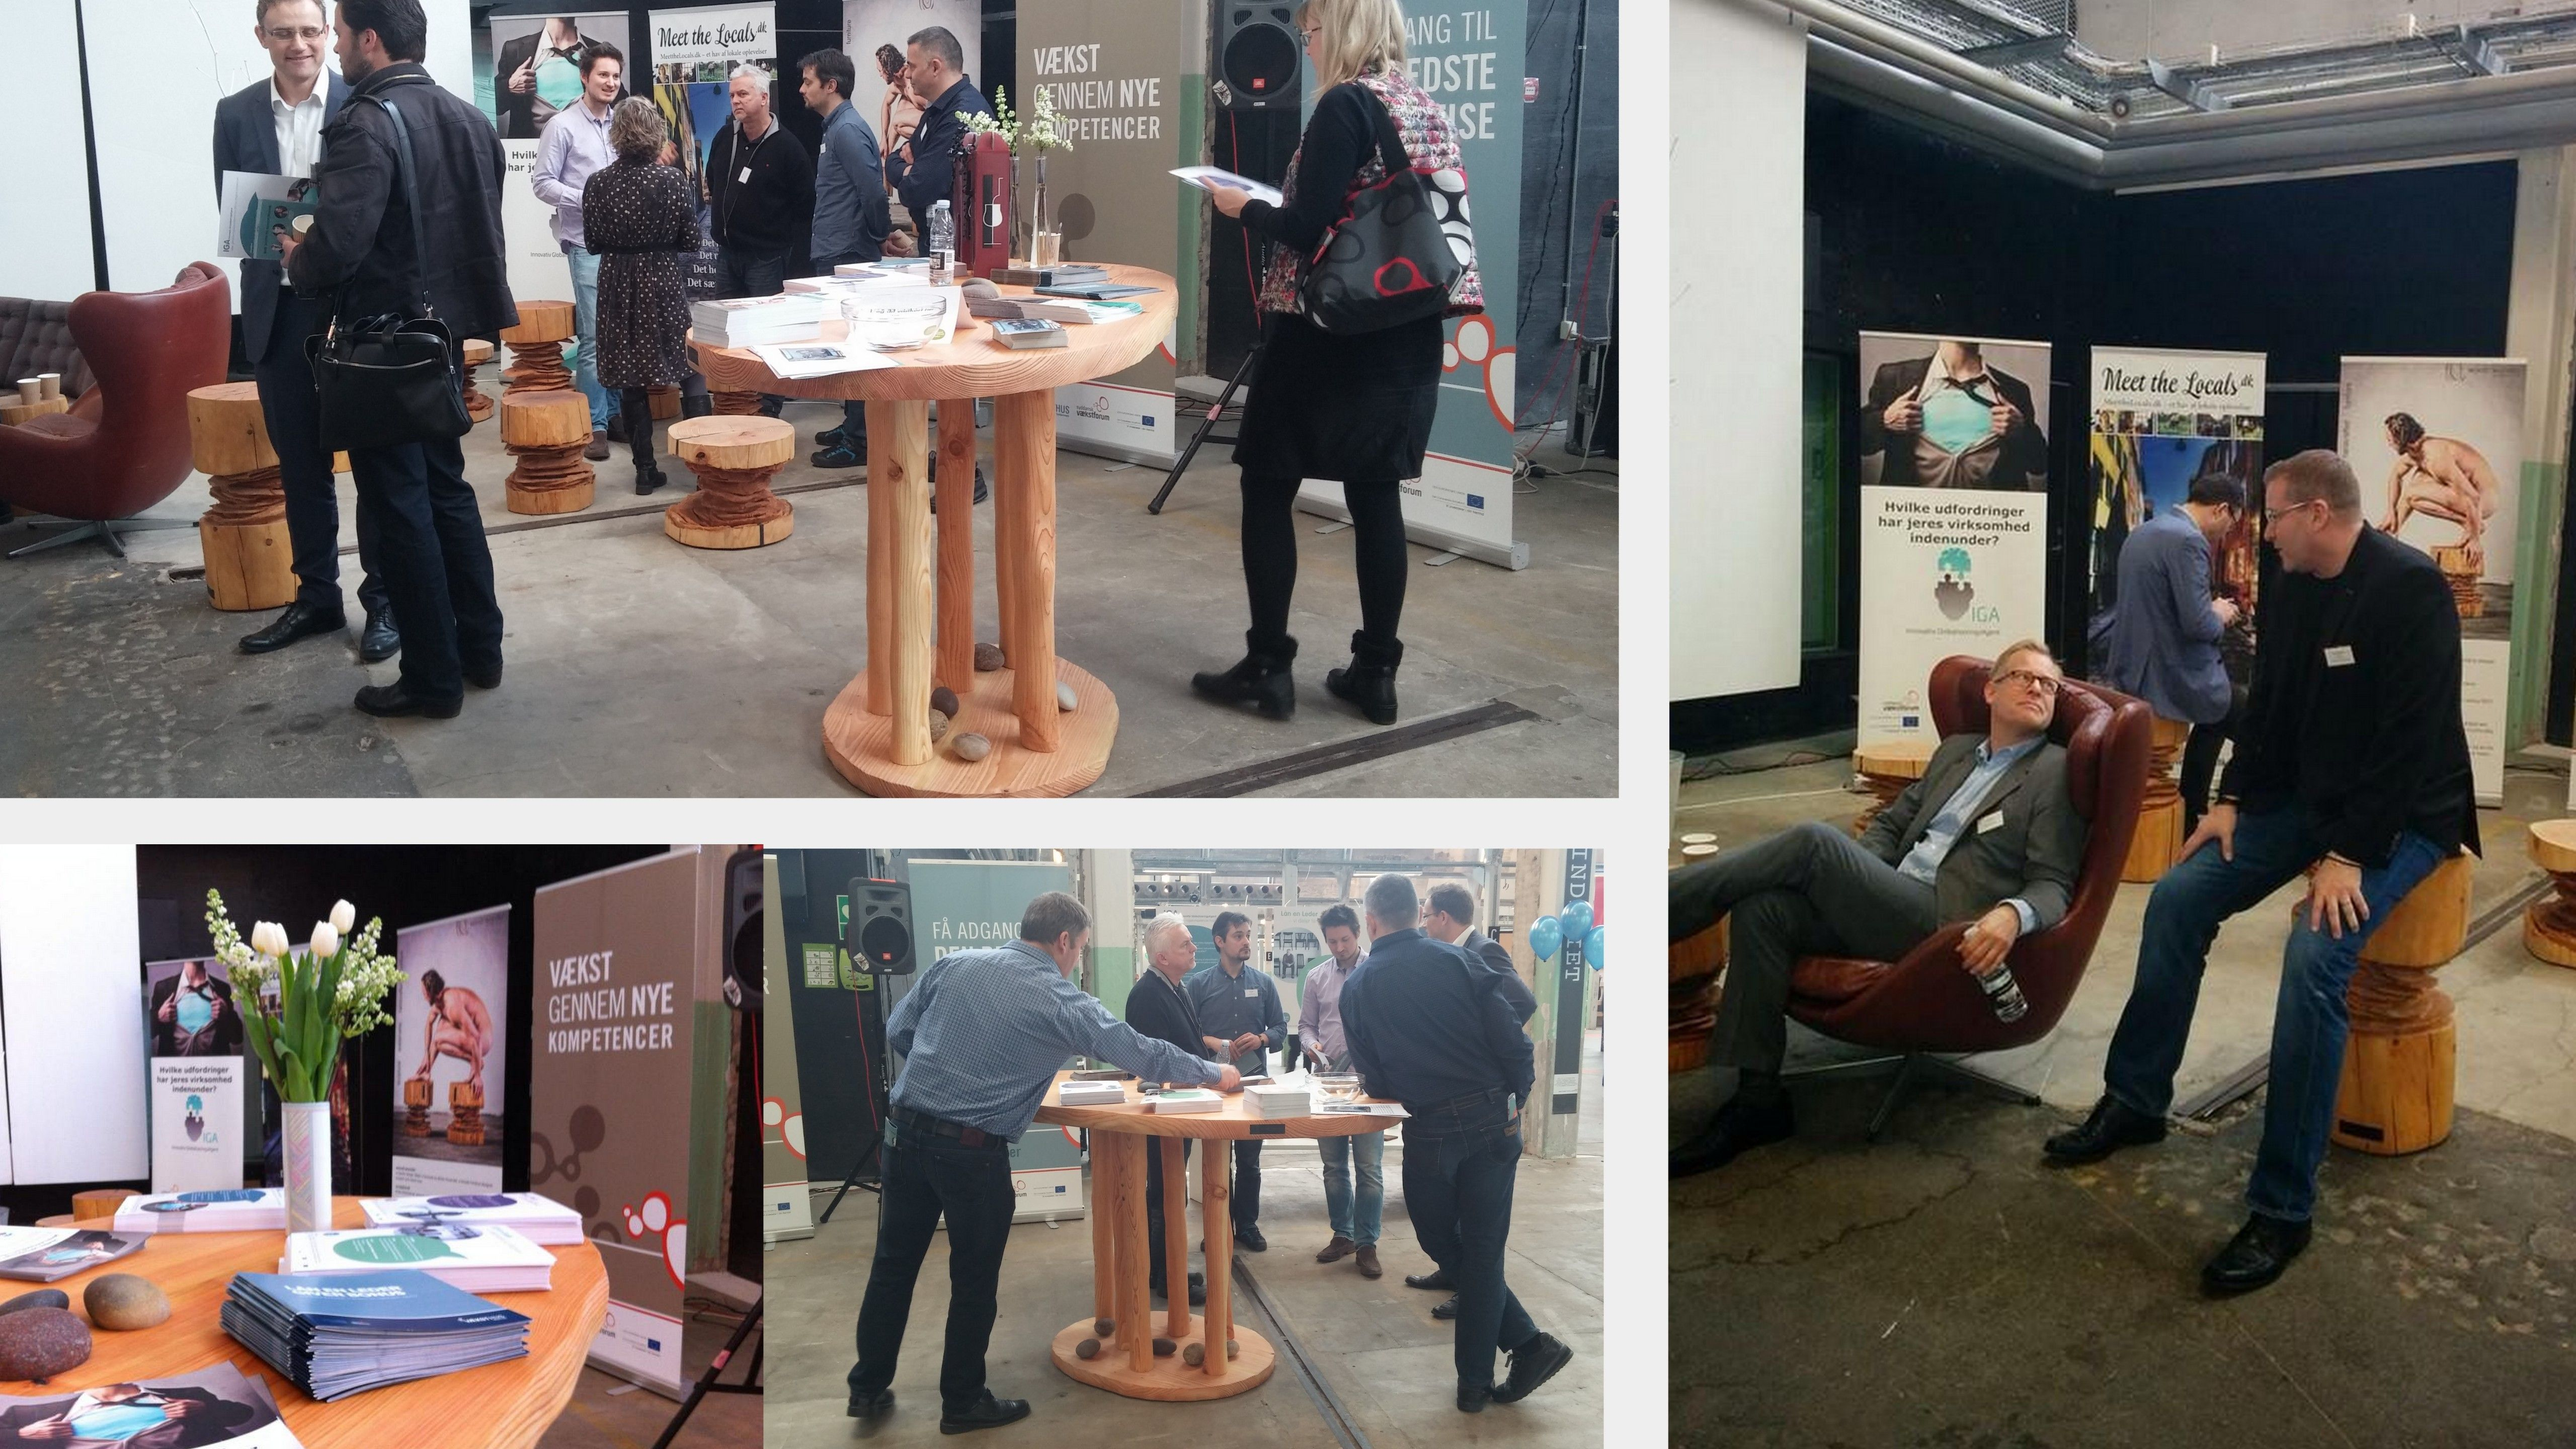 Region Syddanmark / Den Europæiske Socialfond markerede 6. marts stor afslutning på 9 succesfulde projekter i Spinderihallerne, Vejle.  Møblerne bidrog til at skabe en anderledes business lounge. Have a woodnwonderful weekend :-) #woodnwonder #meetingtable #vejle #spinderihallerne #syddanmark #europeancommission #conference #konference #talentattraction #talentprojekter #businesslounge